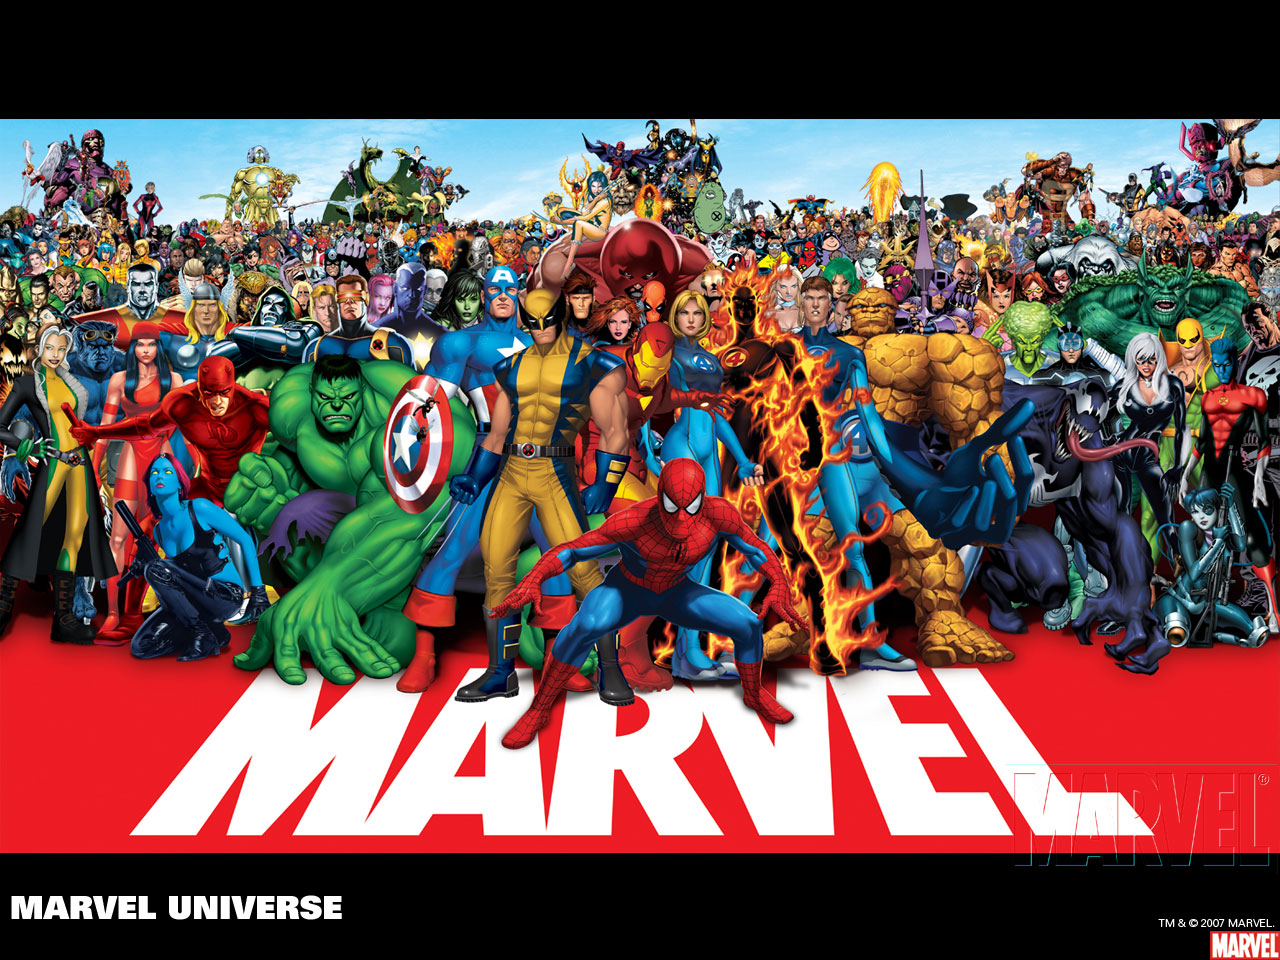 ... helden in marvel universe online spielbar werden welche davon würdet